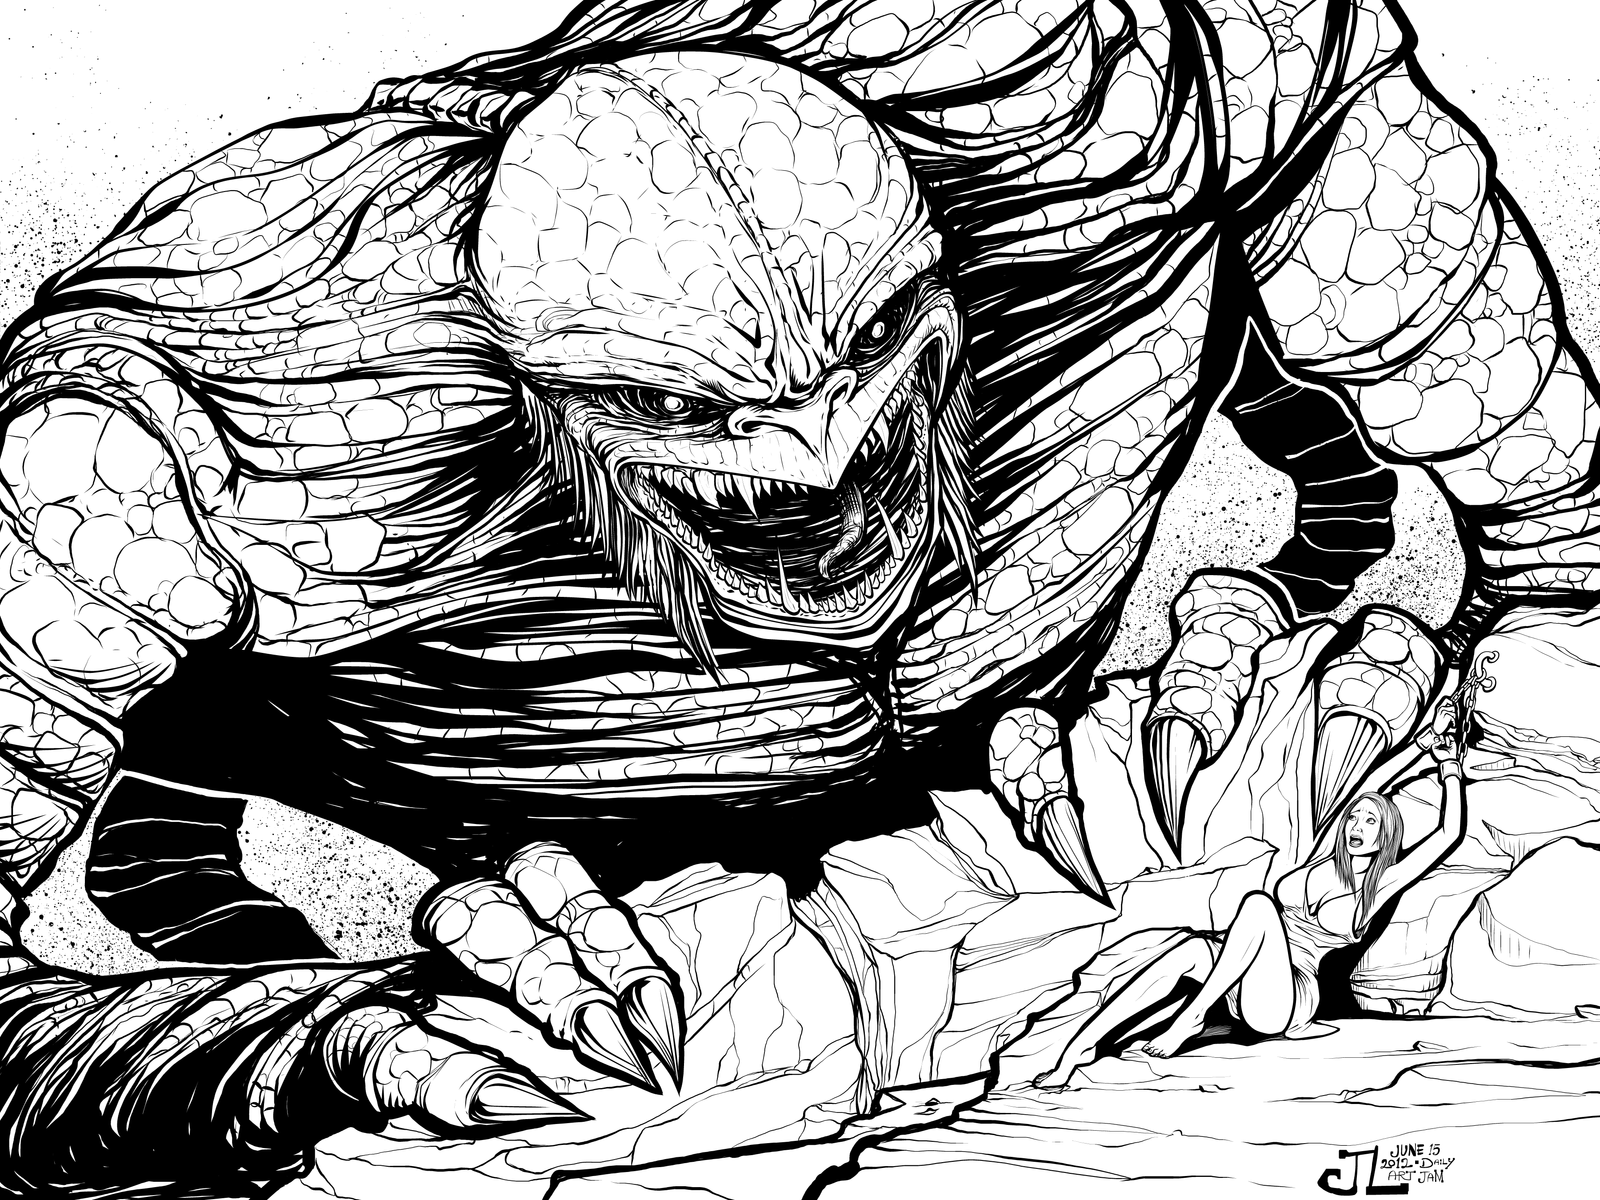 The Kraken -June '12 Daily Art Jam- Day 15 by JeremiahLambertArt